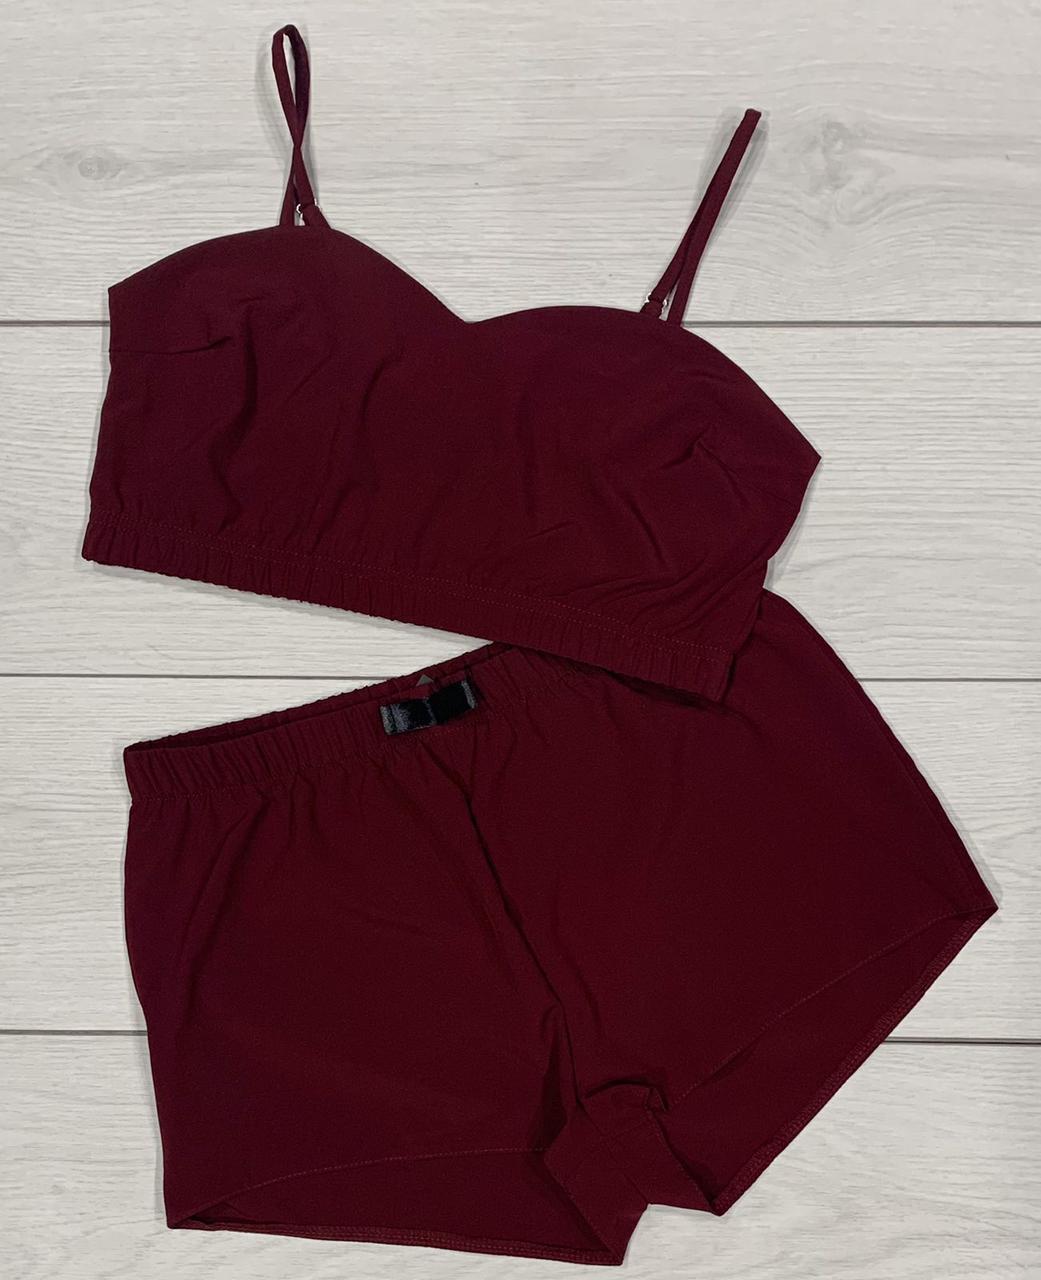 Пижама бюстгальтер-топ + шорты вишневого цвета.